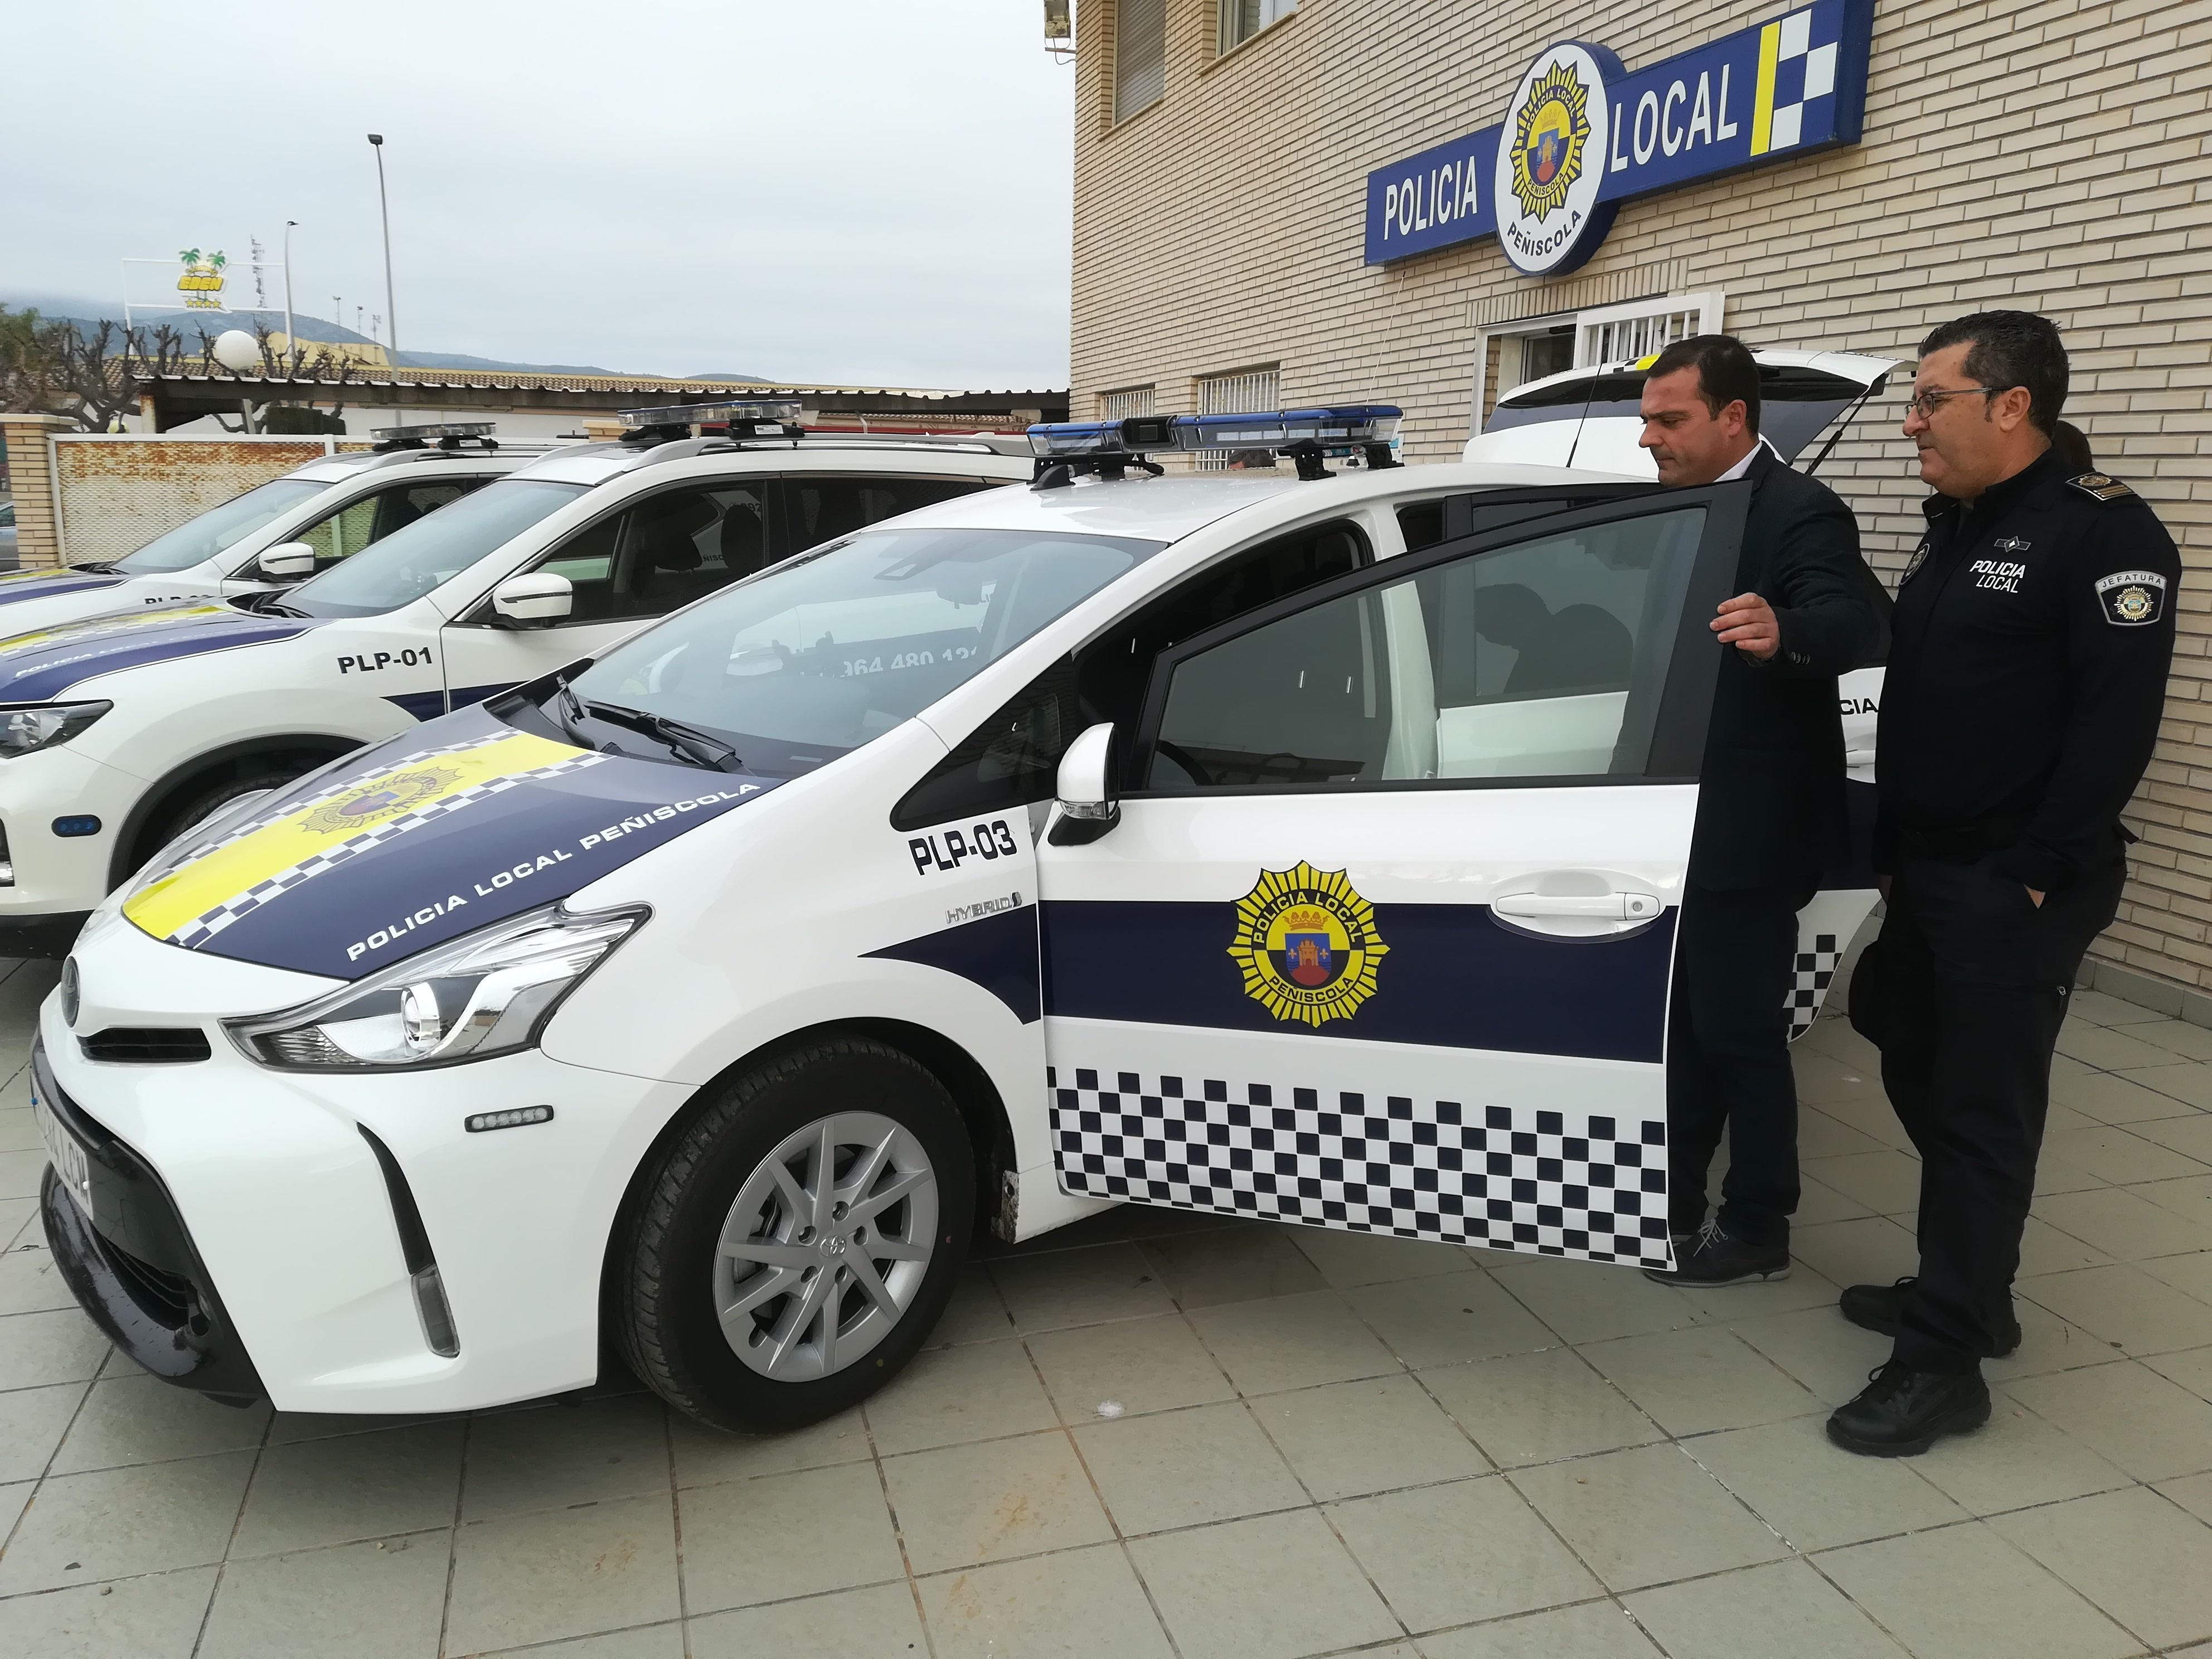 La Policia Local de Peníscola es compromet amb el programa ECO-POL i ha adquirit el seu primer vehicle híbrid